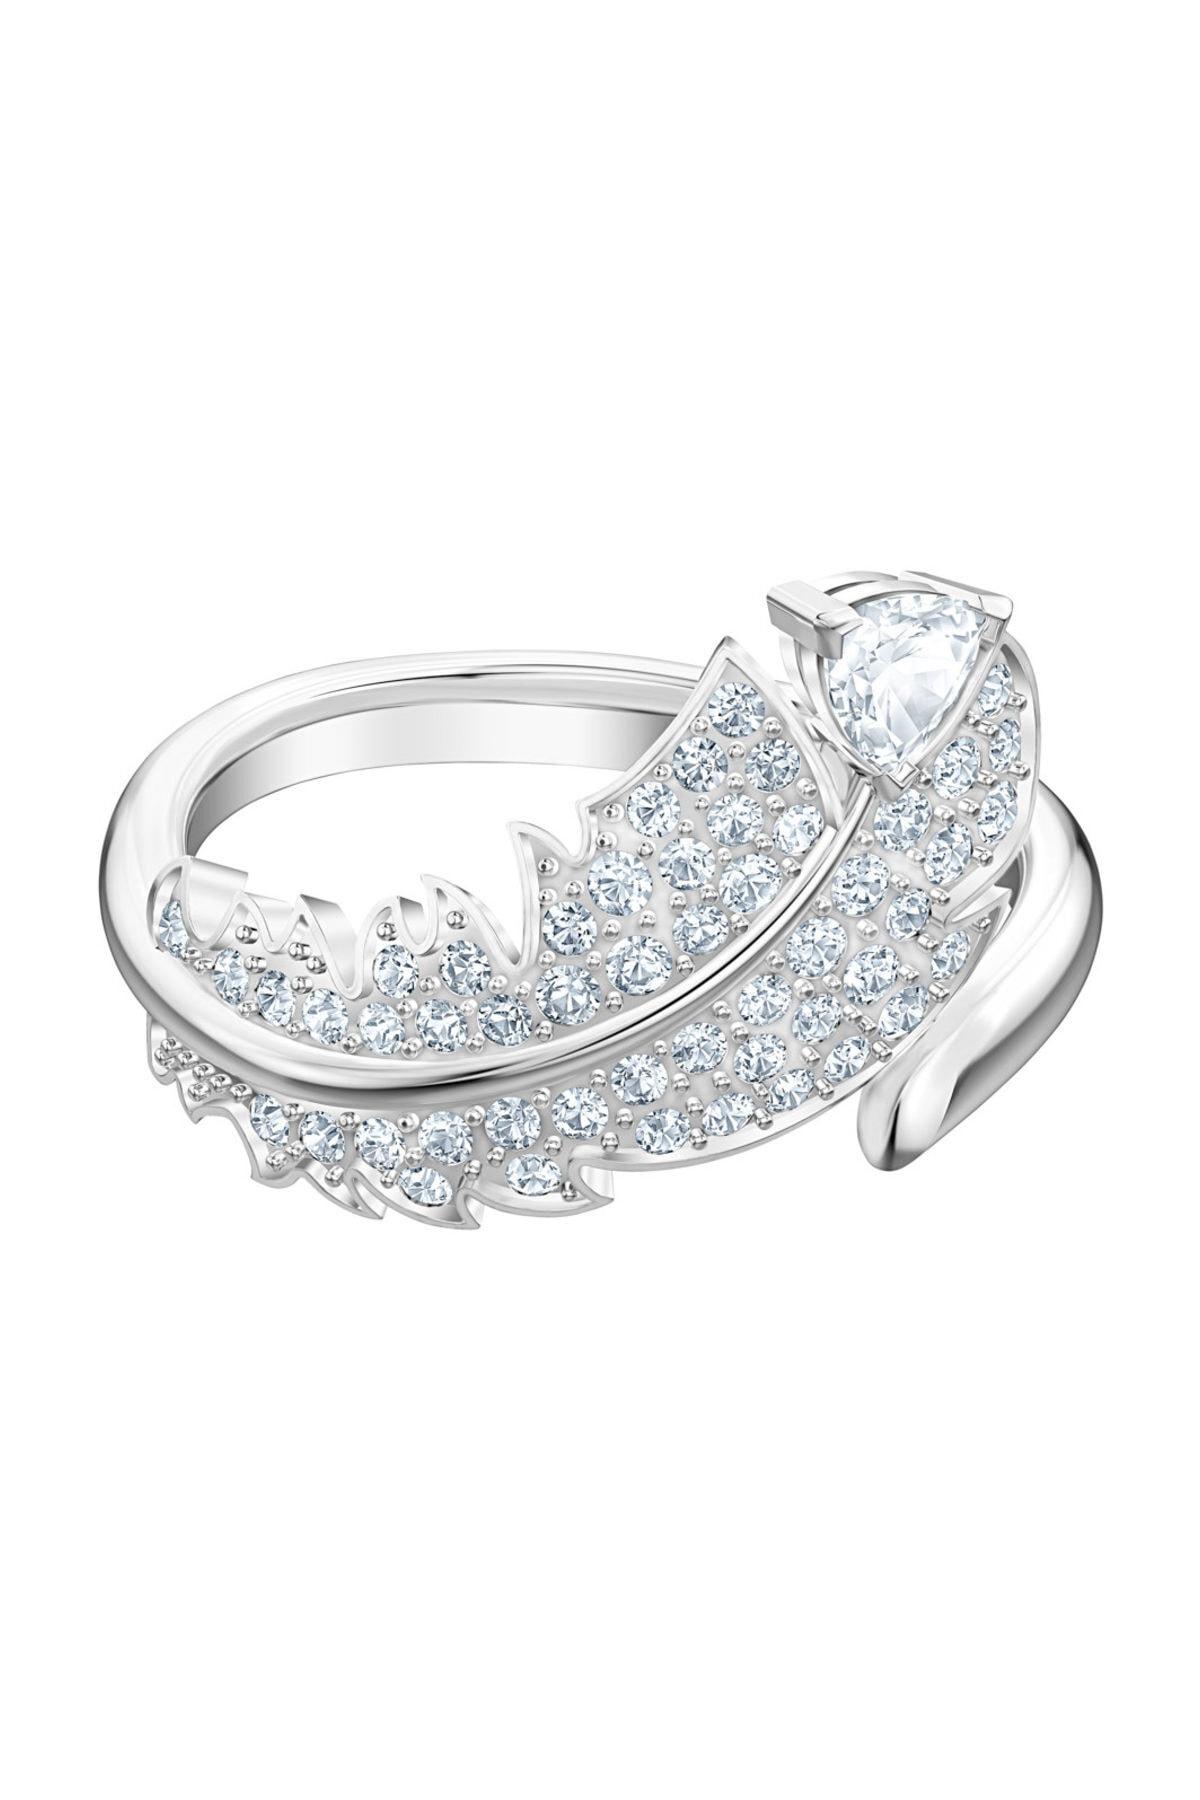 Swarovski Yüzük Nice:Ring Simple Czwh/Rhs 52 5515029 1